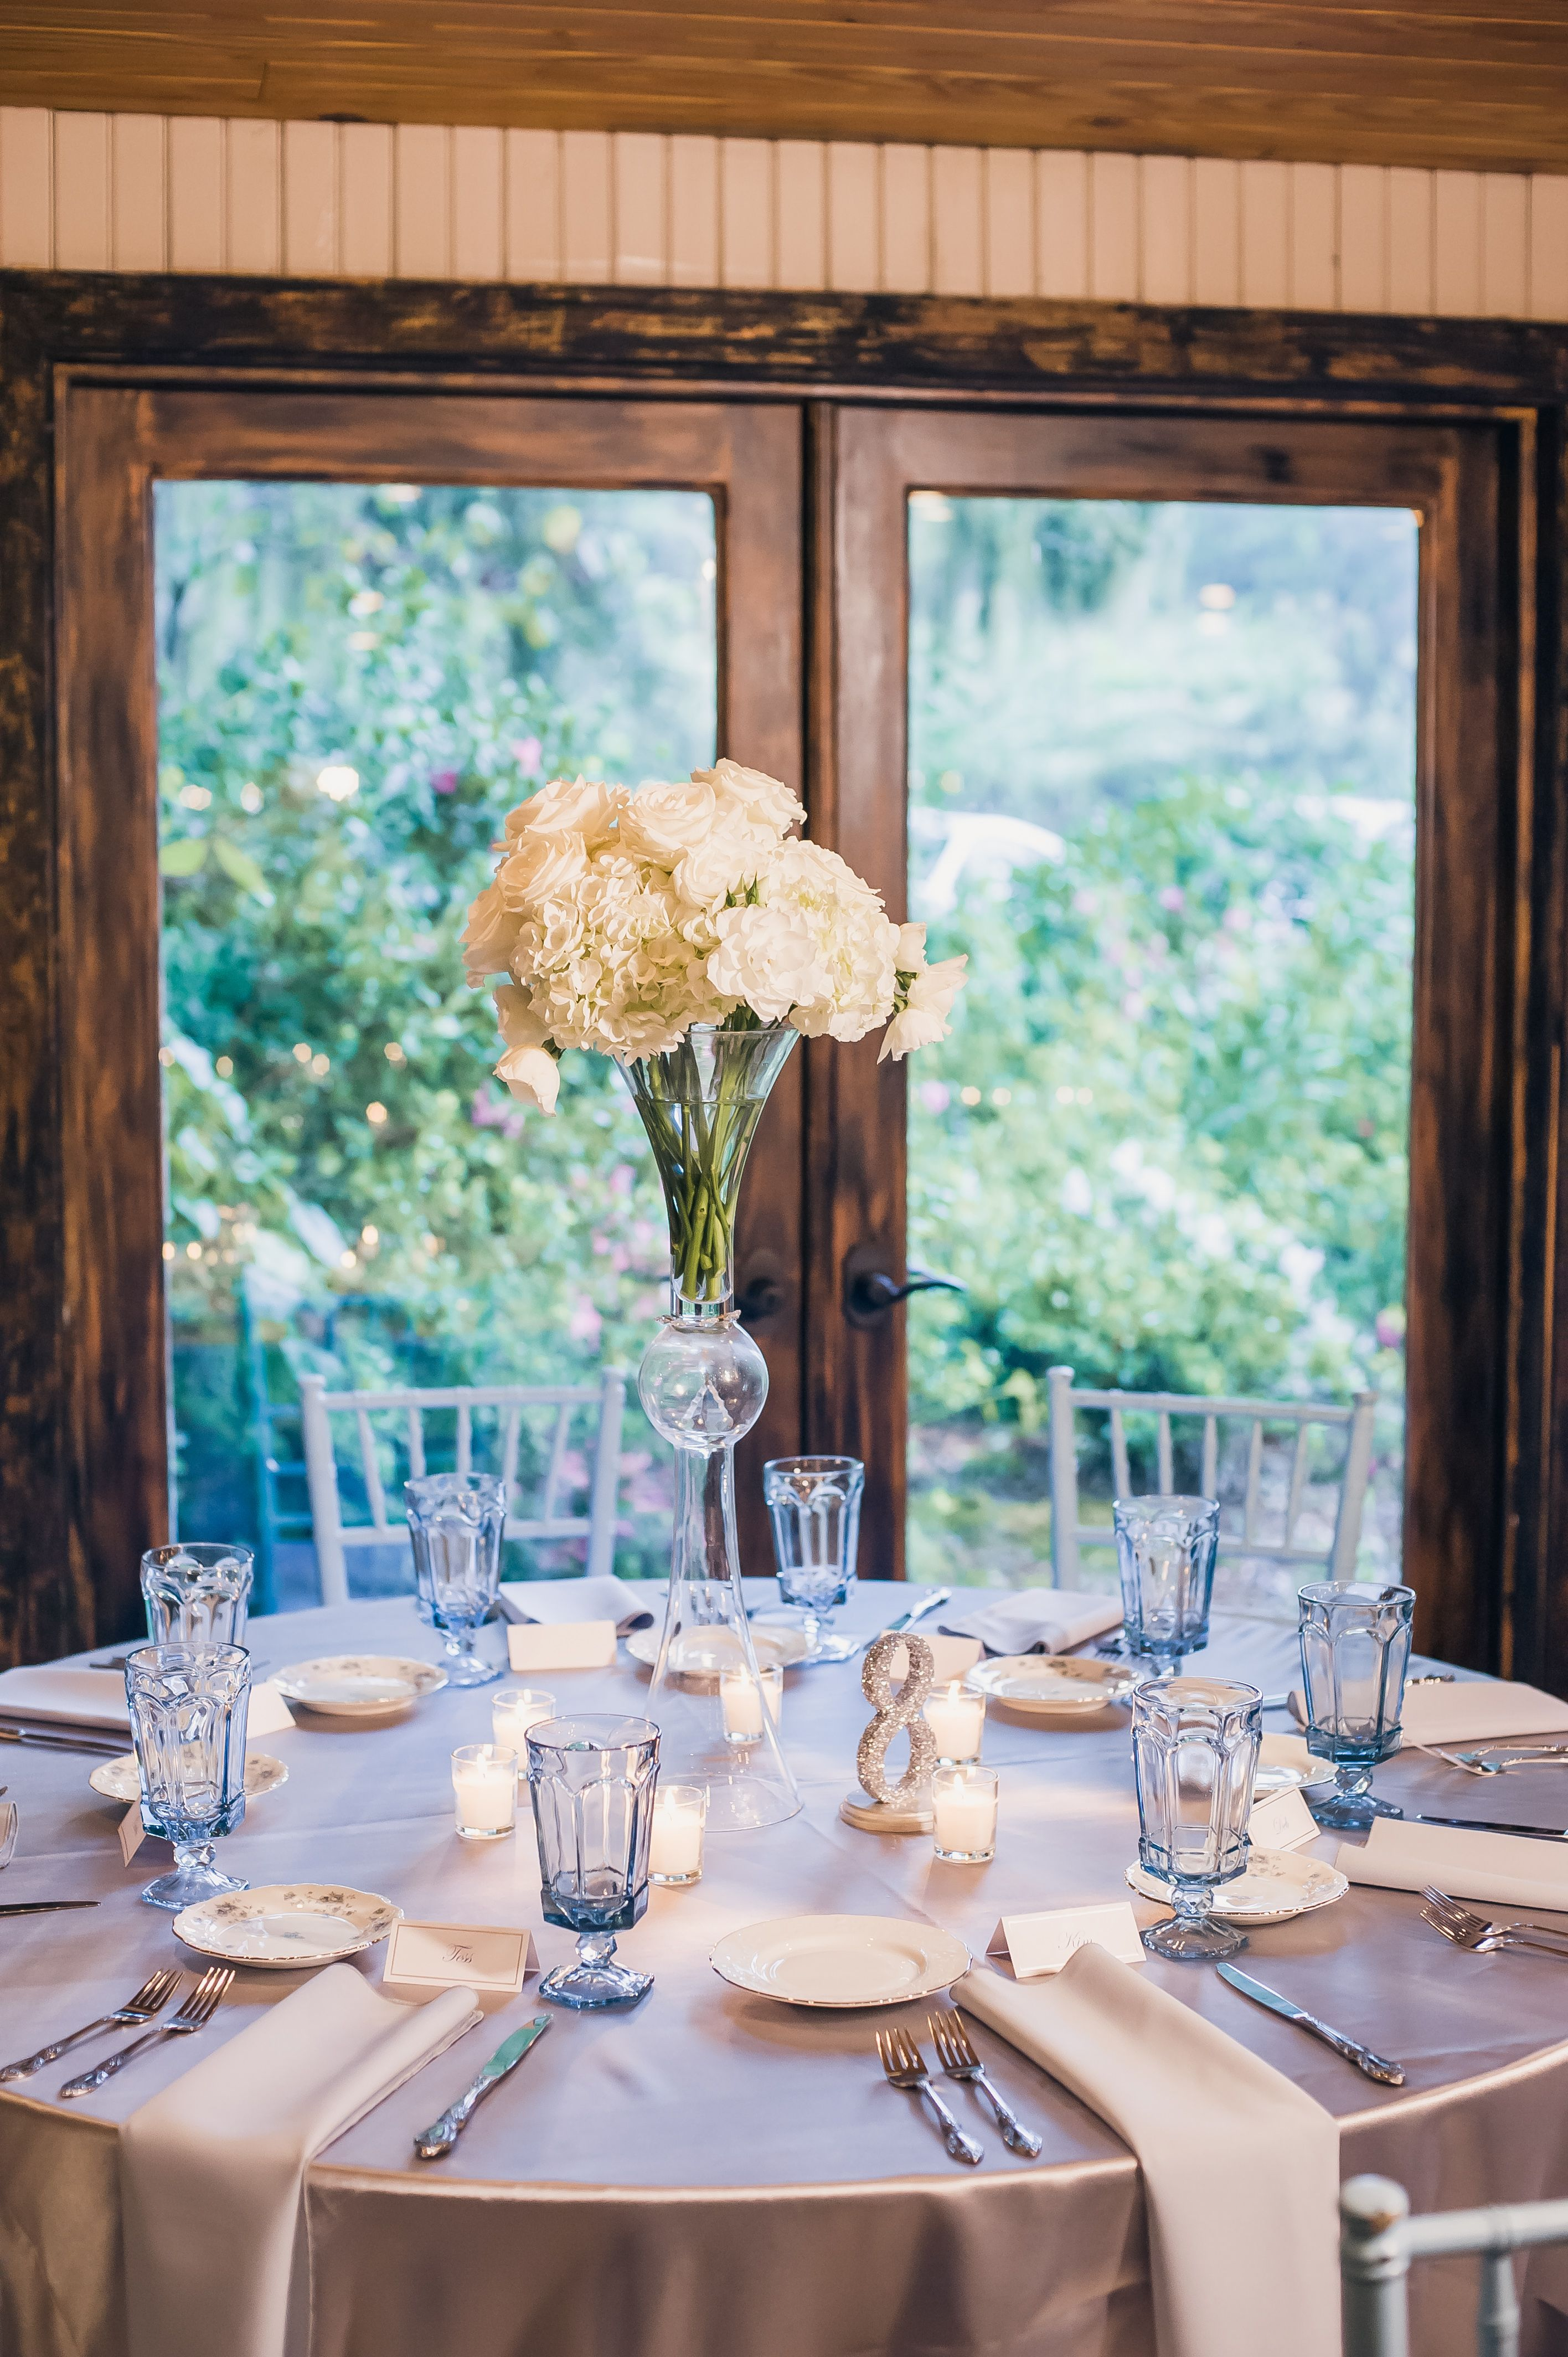 Zcreatedesign Wedding Decor Photos Z Create Design Wedding Decorations